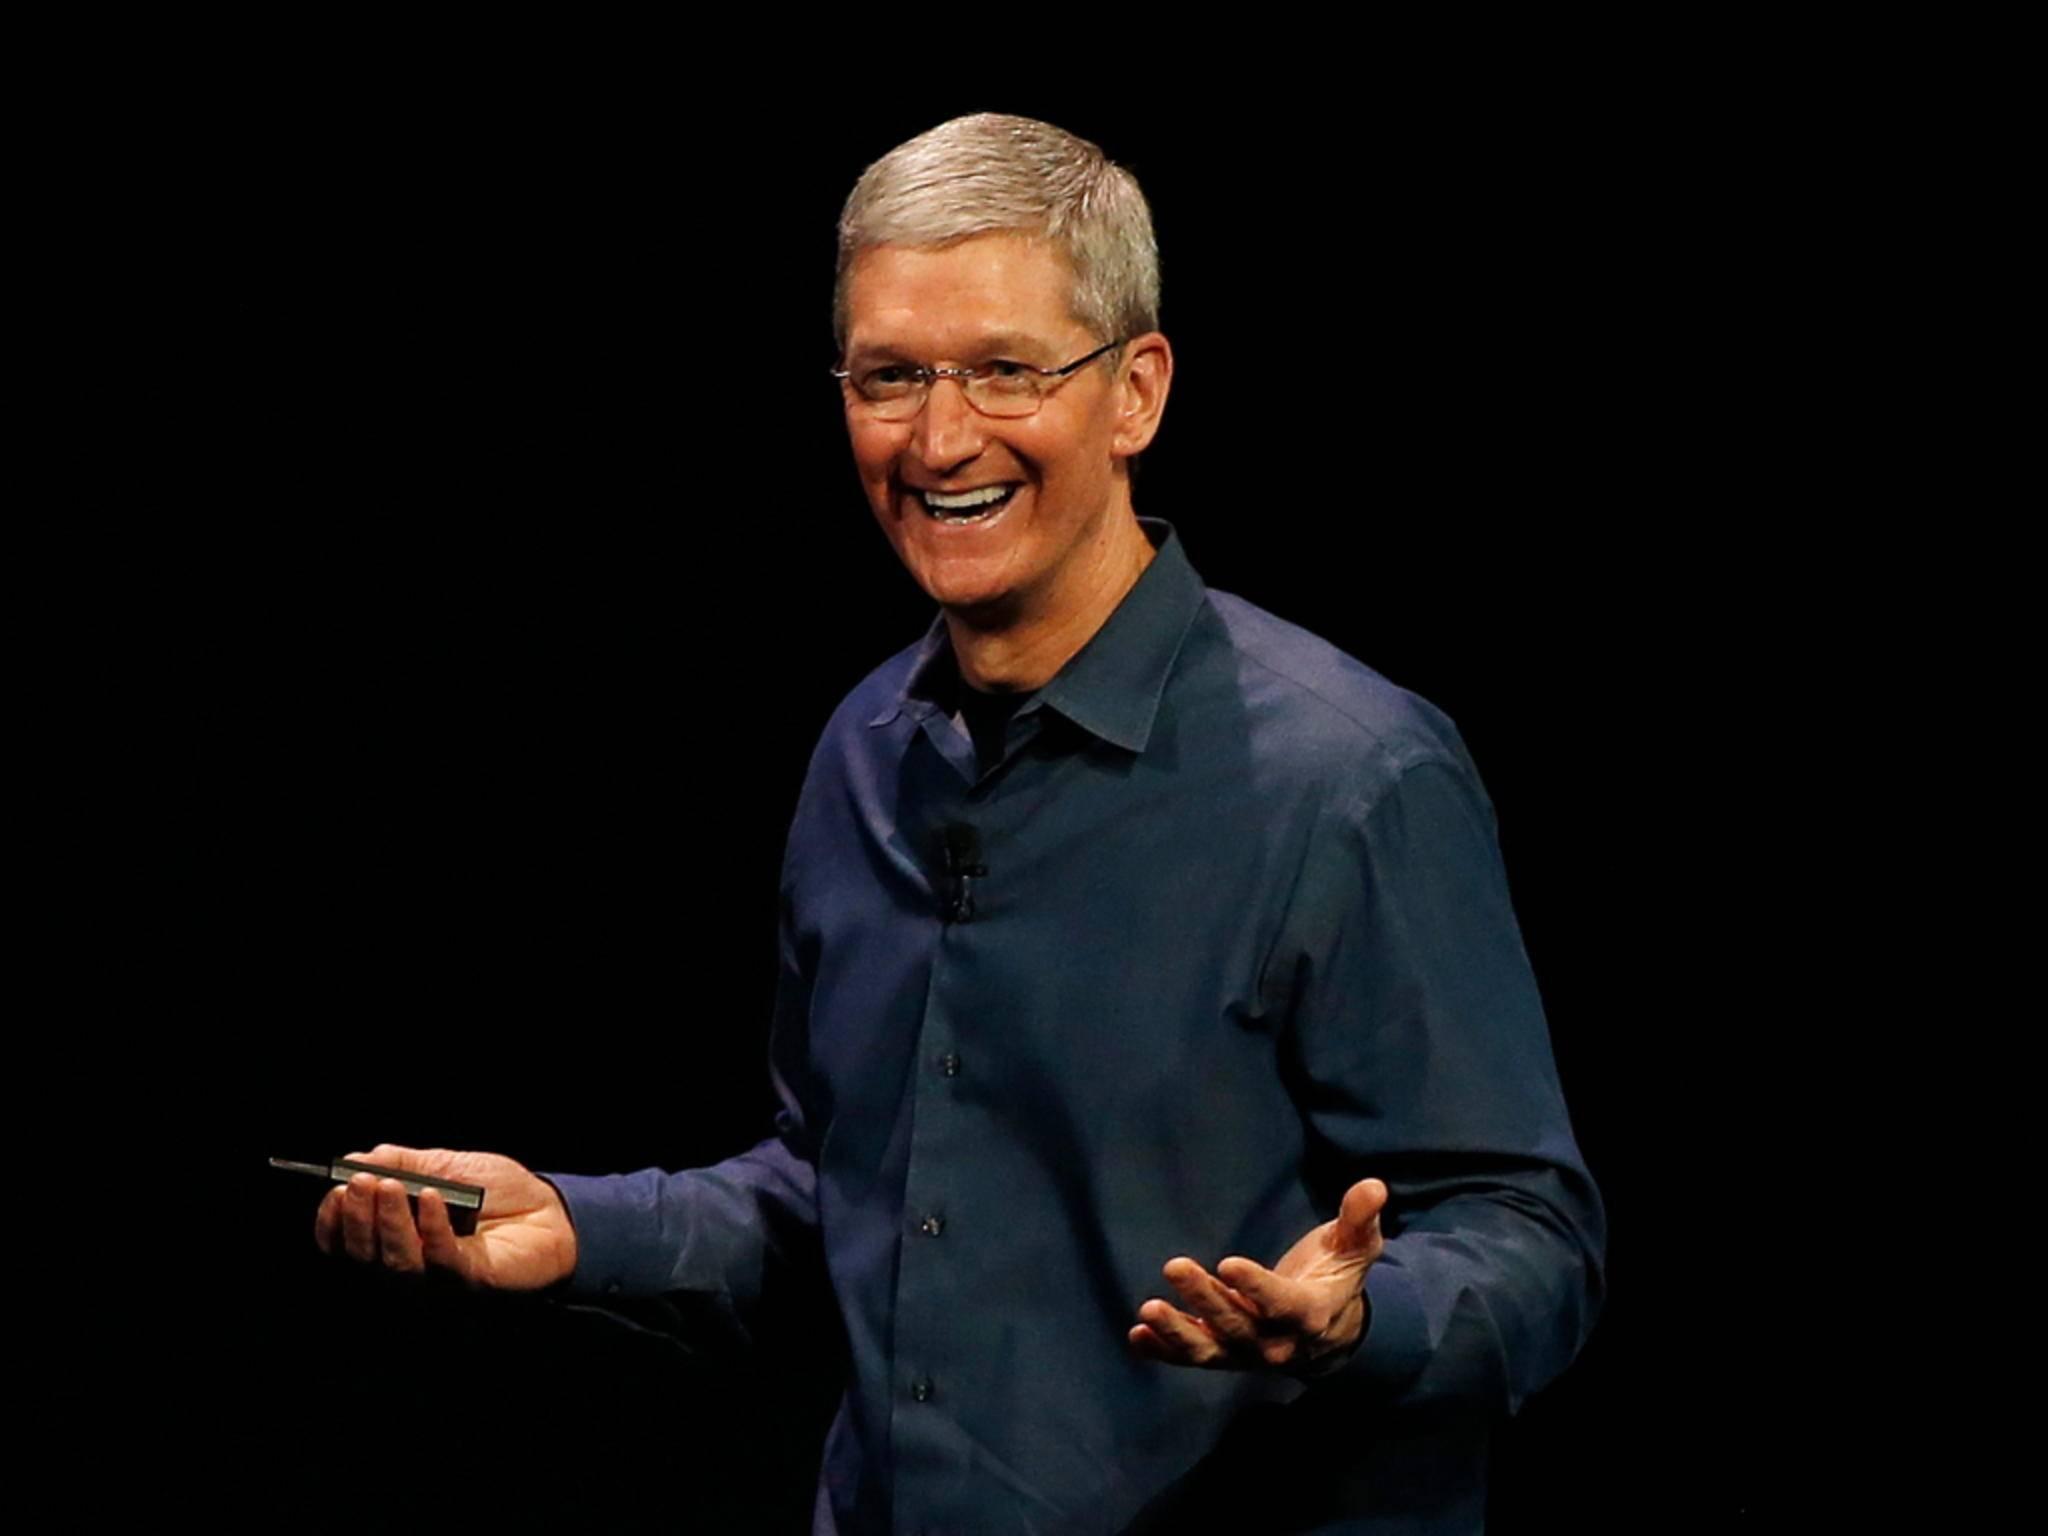 Tim Cook war im Jahr 2014 nicht einmal der bestverdienende Apple-Mitarbeiter.